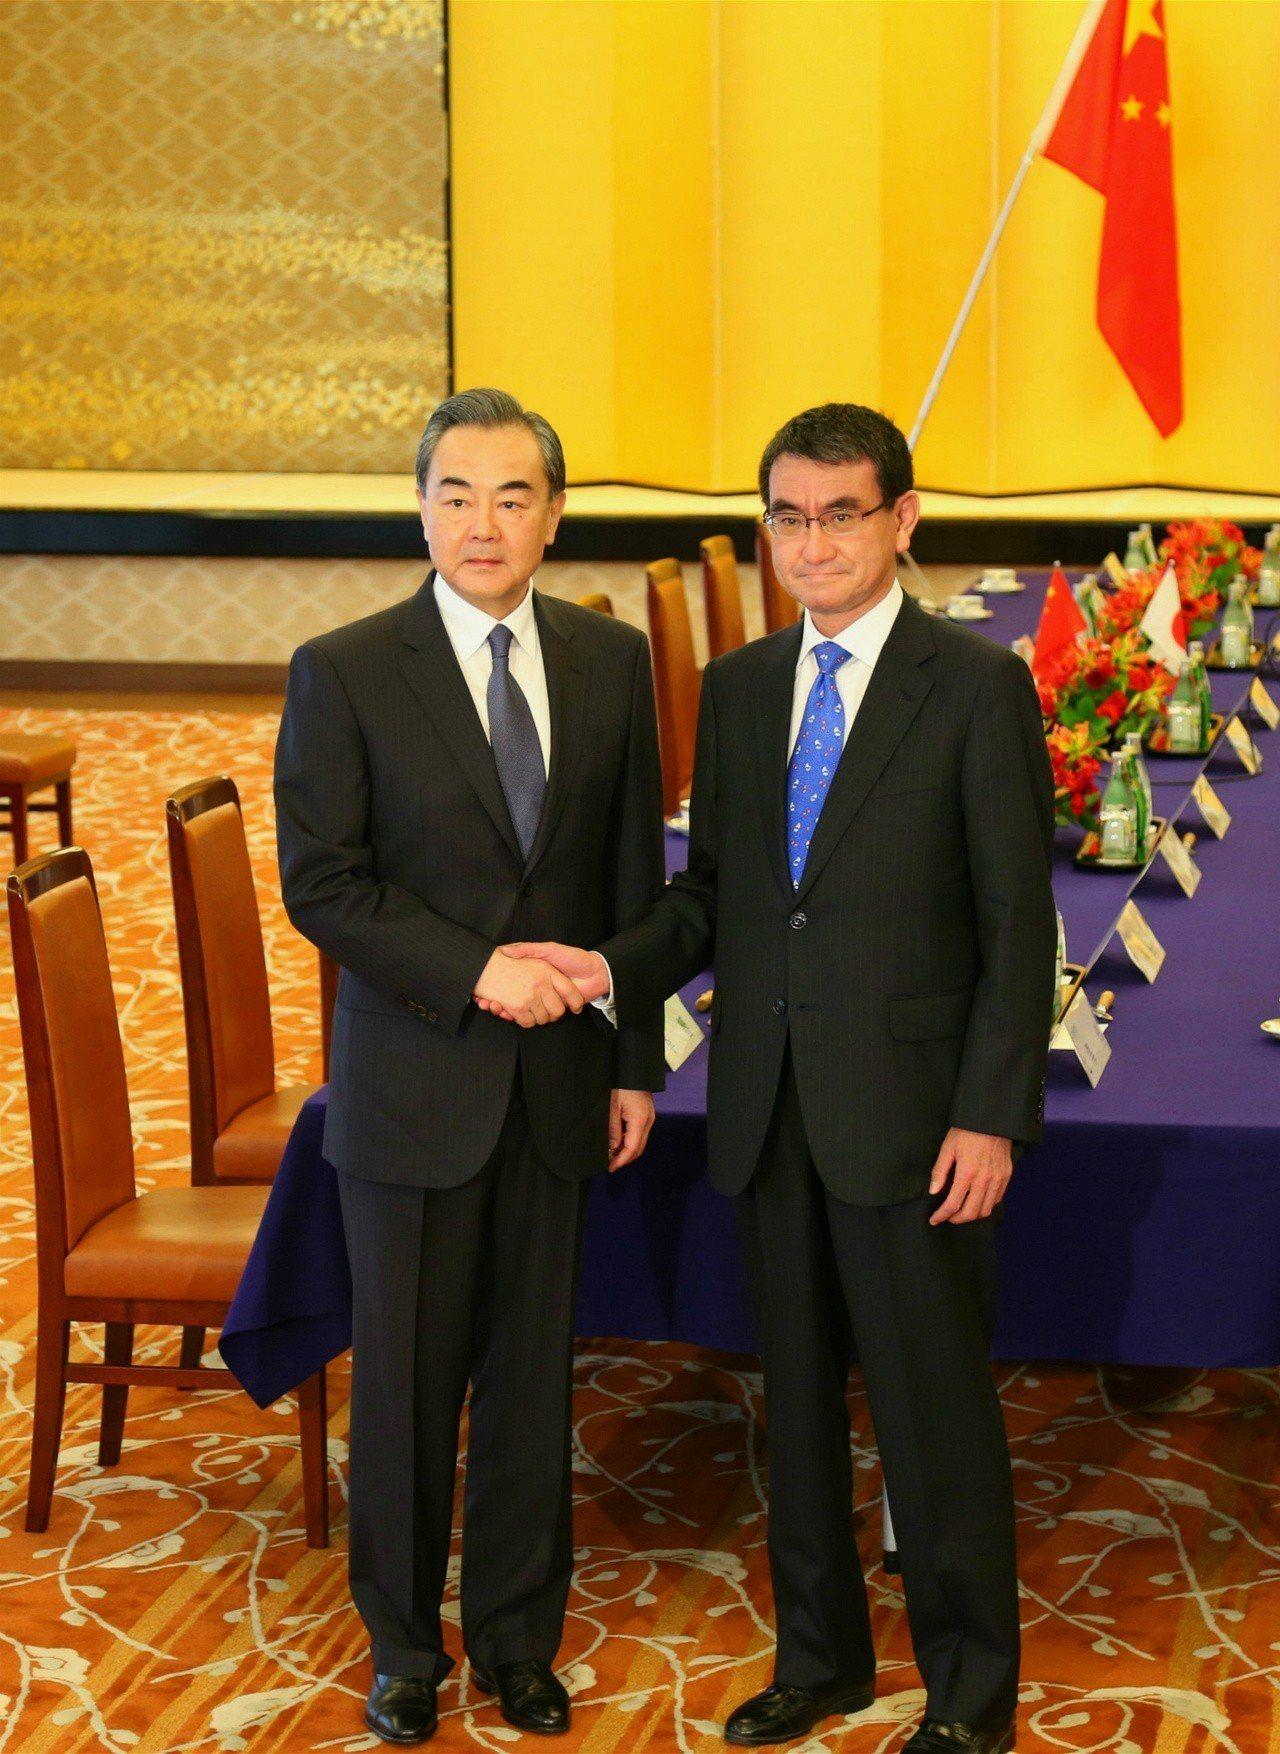 中國國務委員兼外交部長王毅(左)正式訪問日本,與日本外相河野太郎舉行會談。 中新...